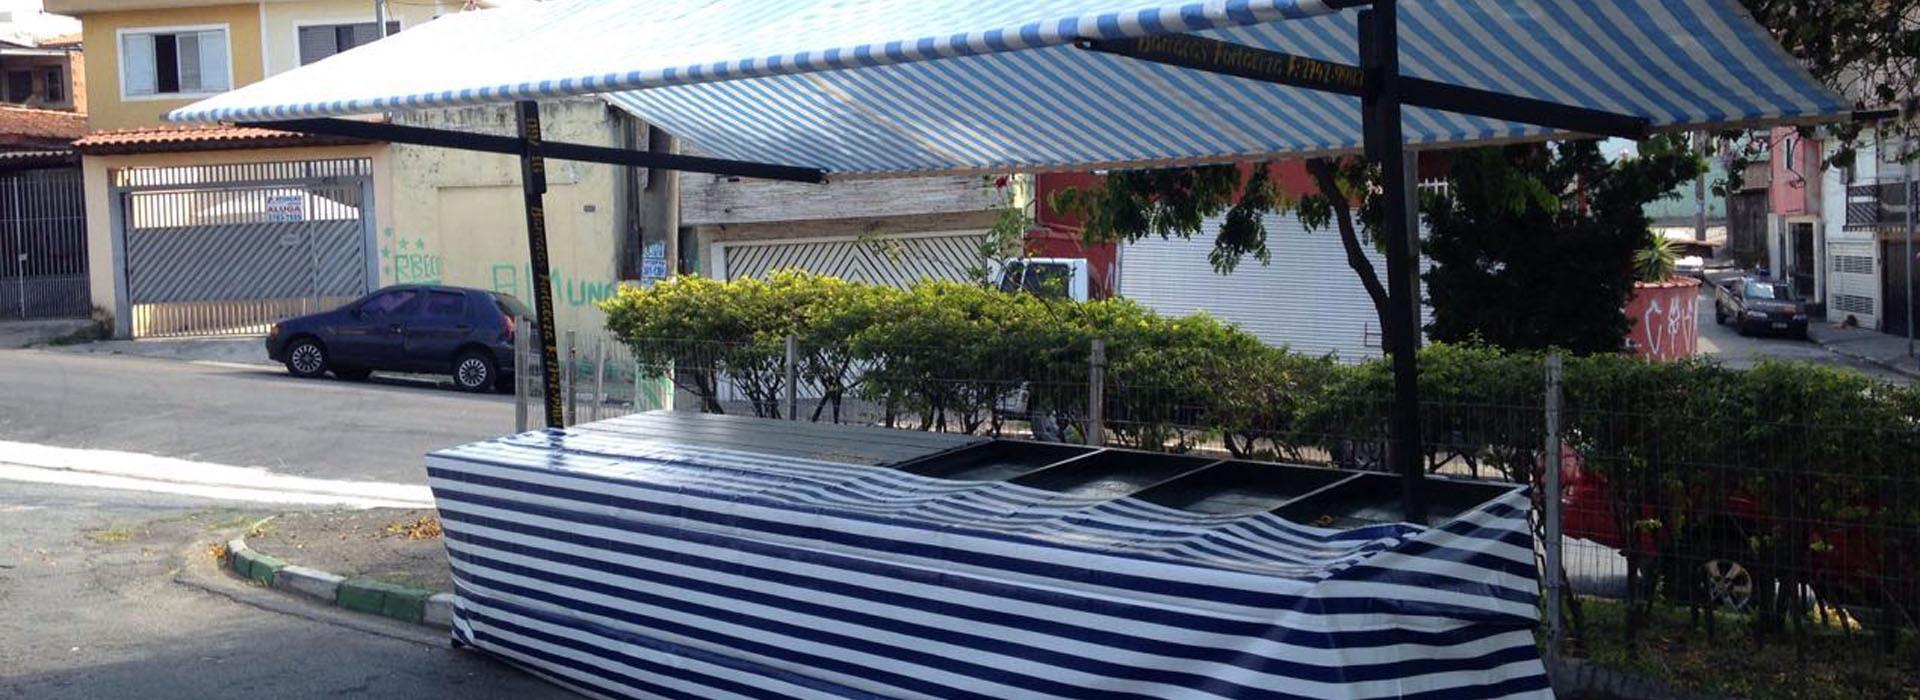 barracas para feira livre